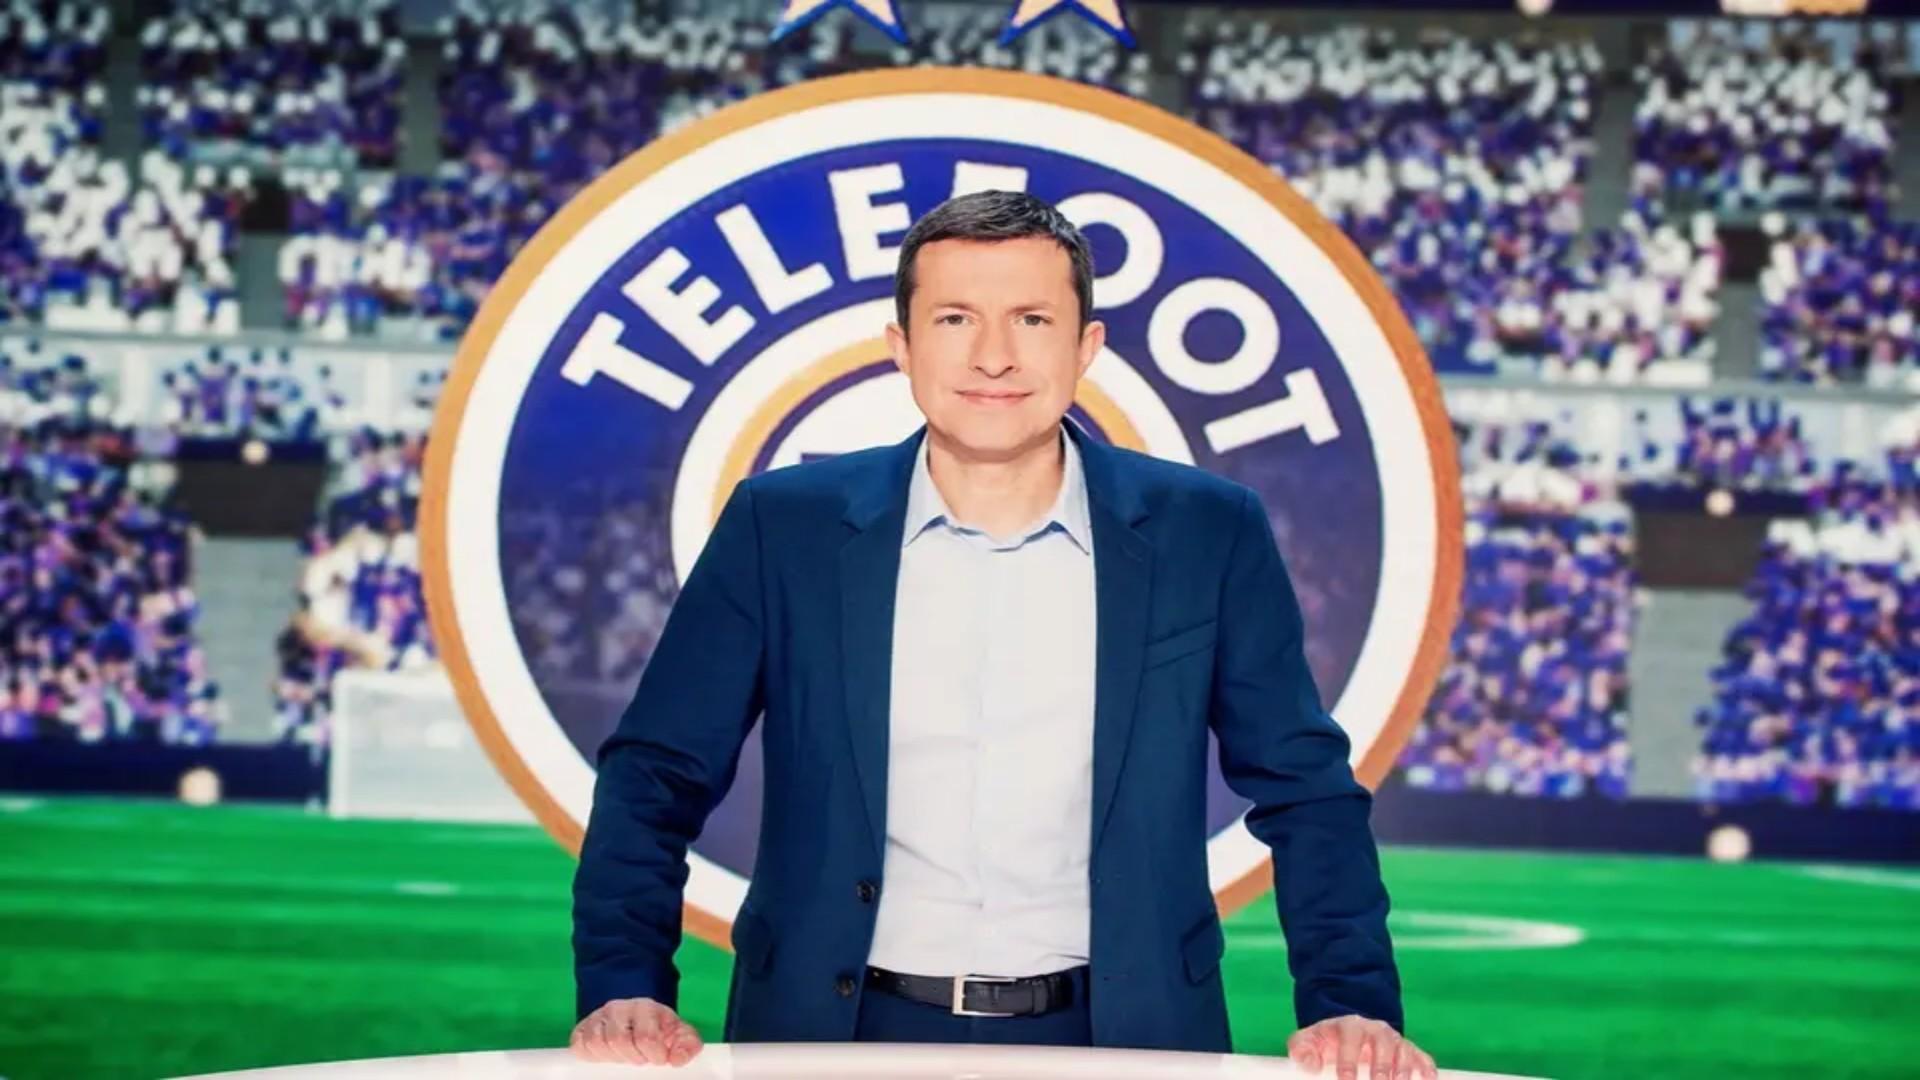 France: Bientôt une chaîne Telefoot